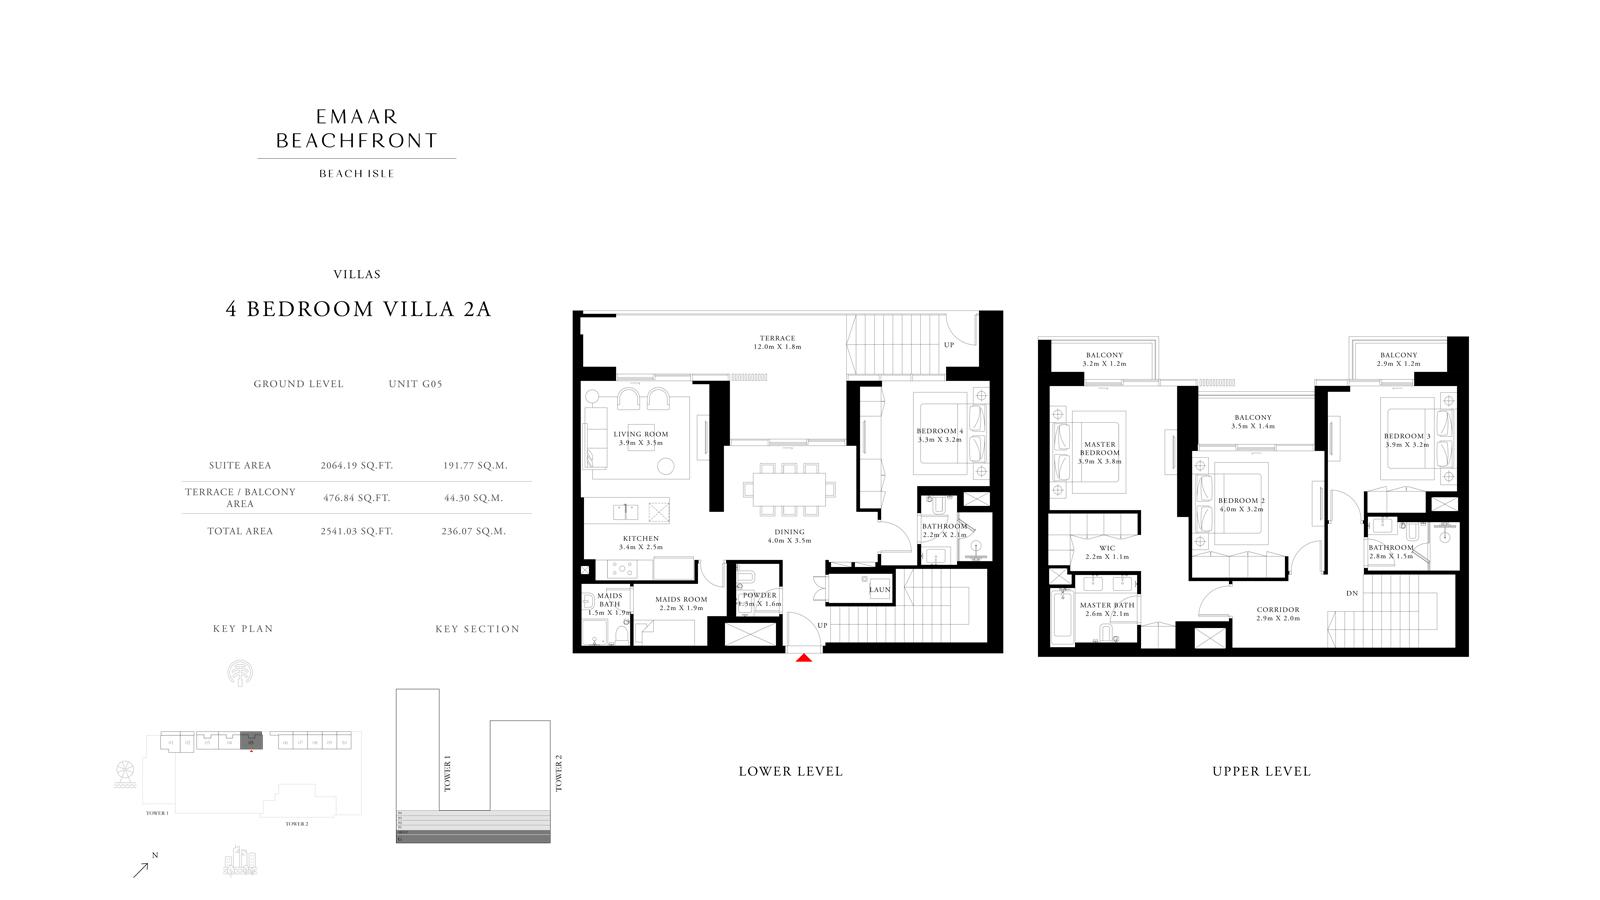 4 Bedroom Villas 2A, Size 2541    sq. ft.